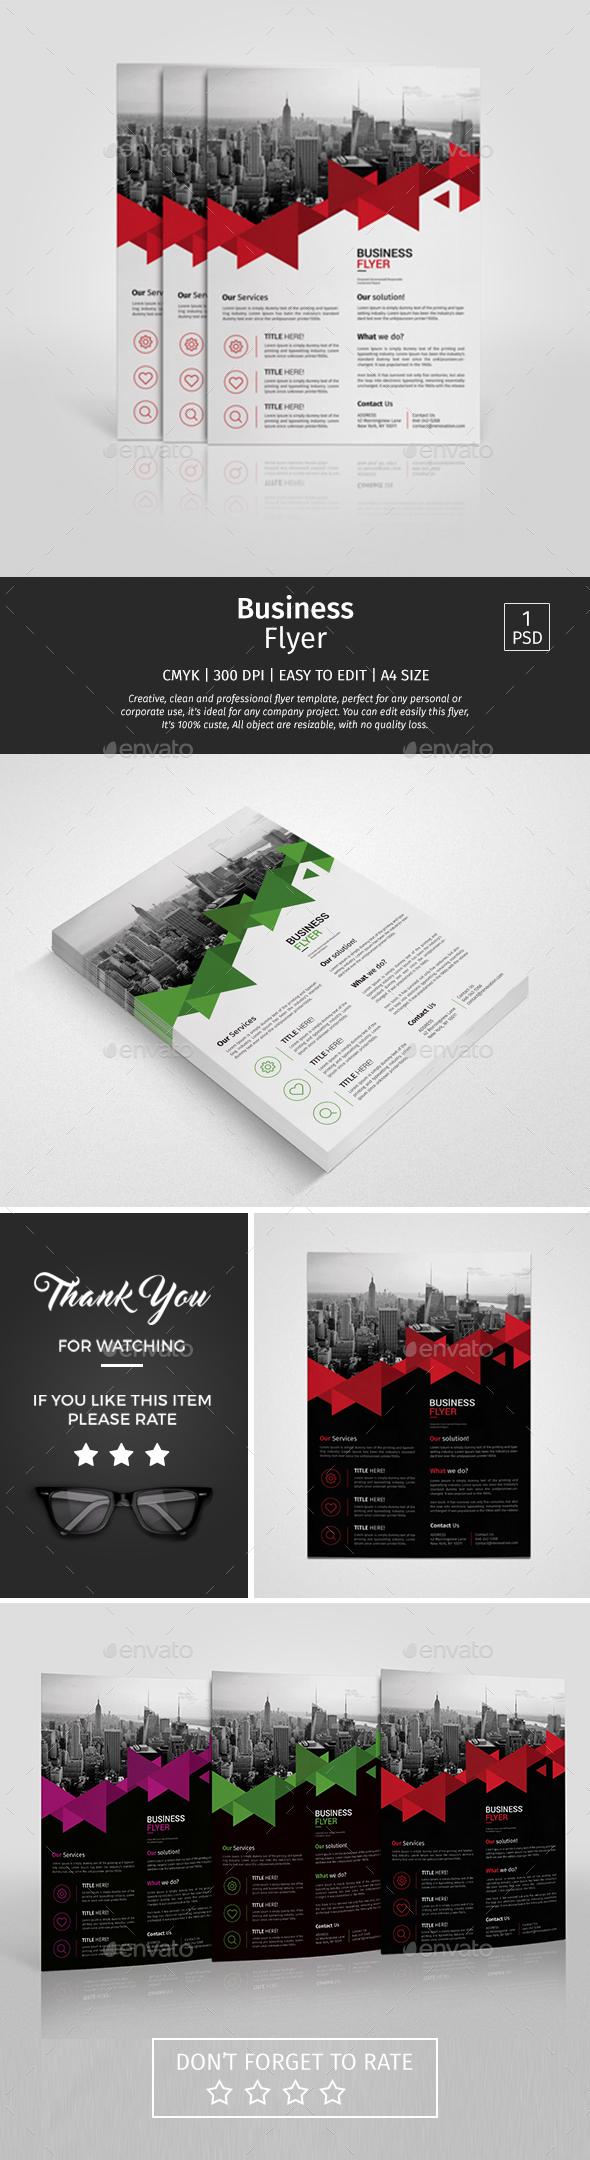 A4 Corporate Business Flyer Design Template Vol 09 - Corporate ...